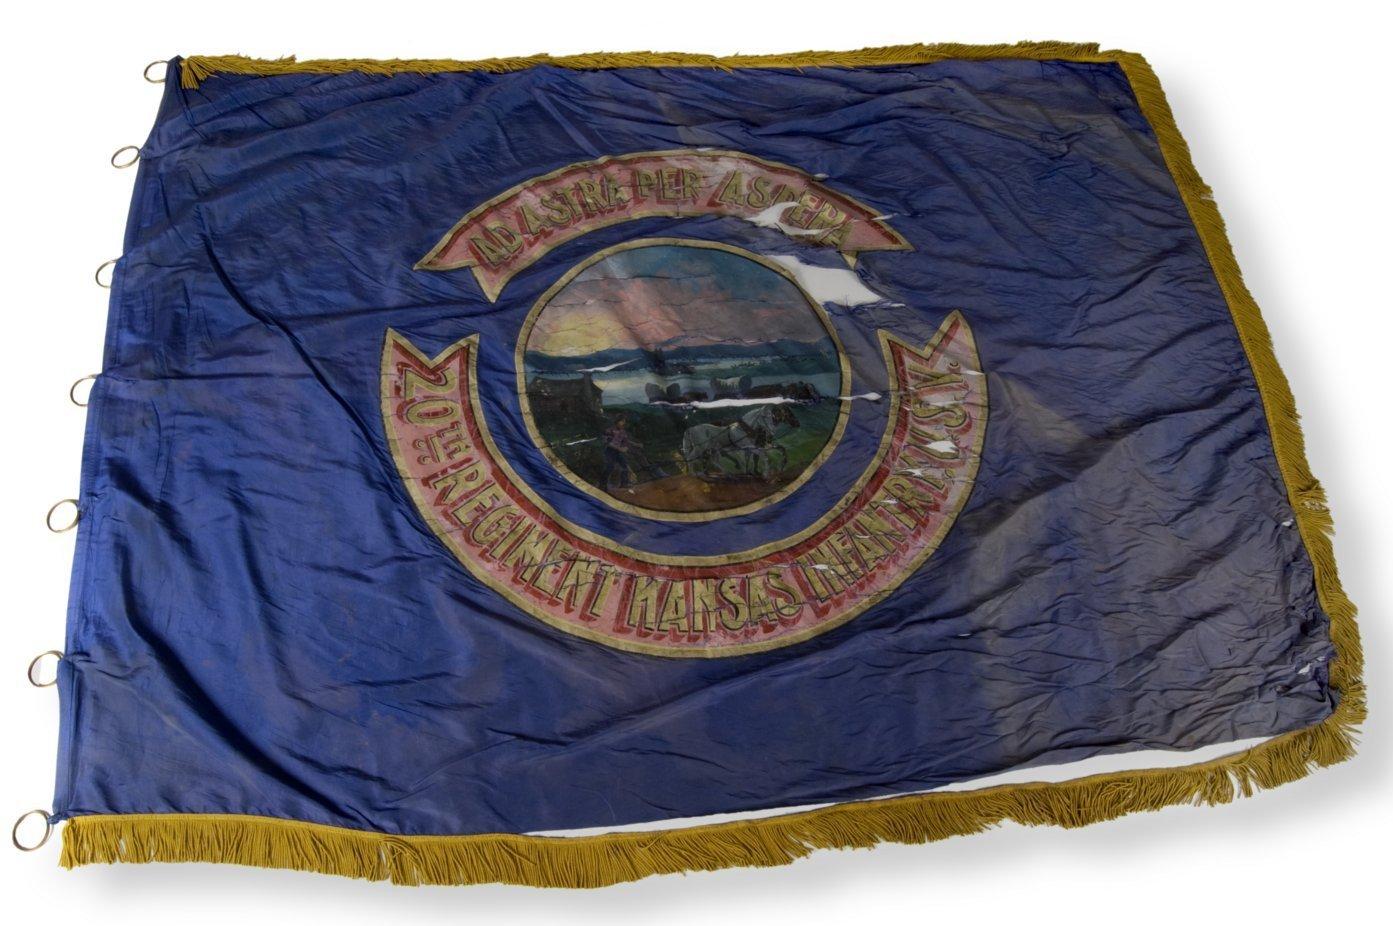 20th Kansas Volunteer Infantry flag